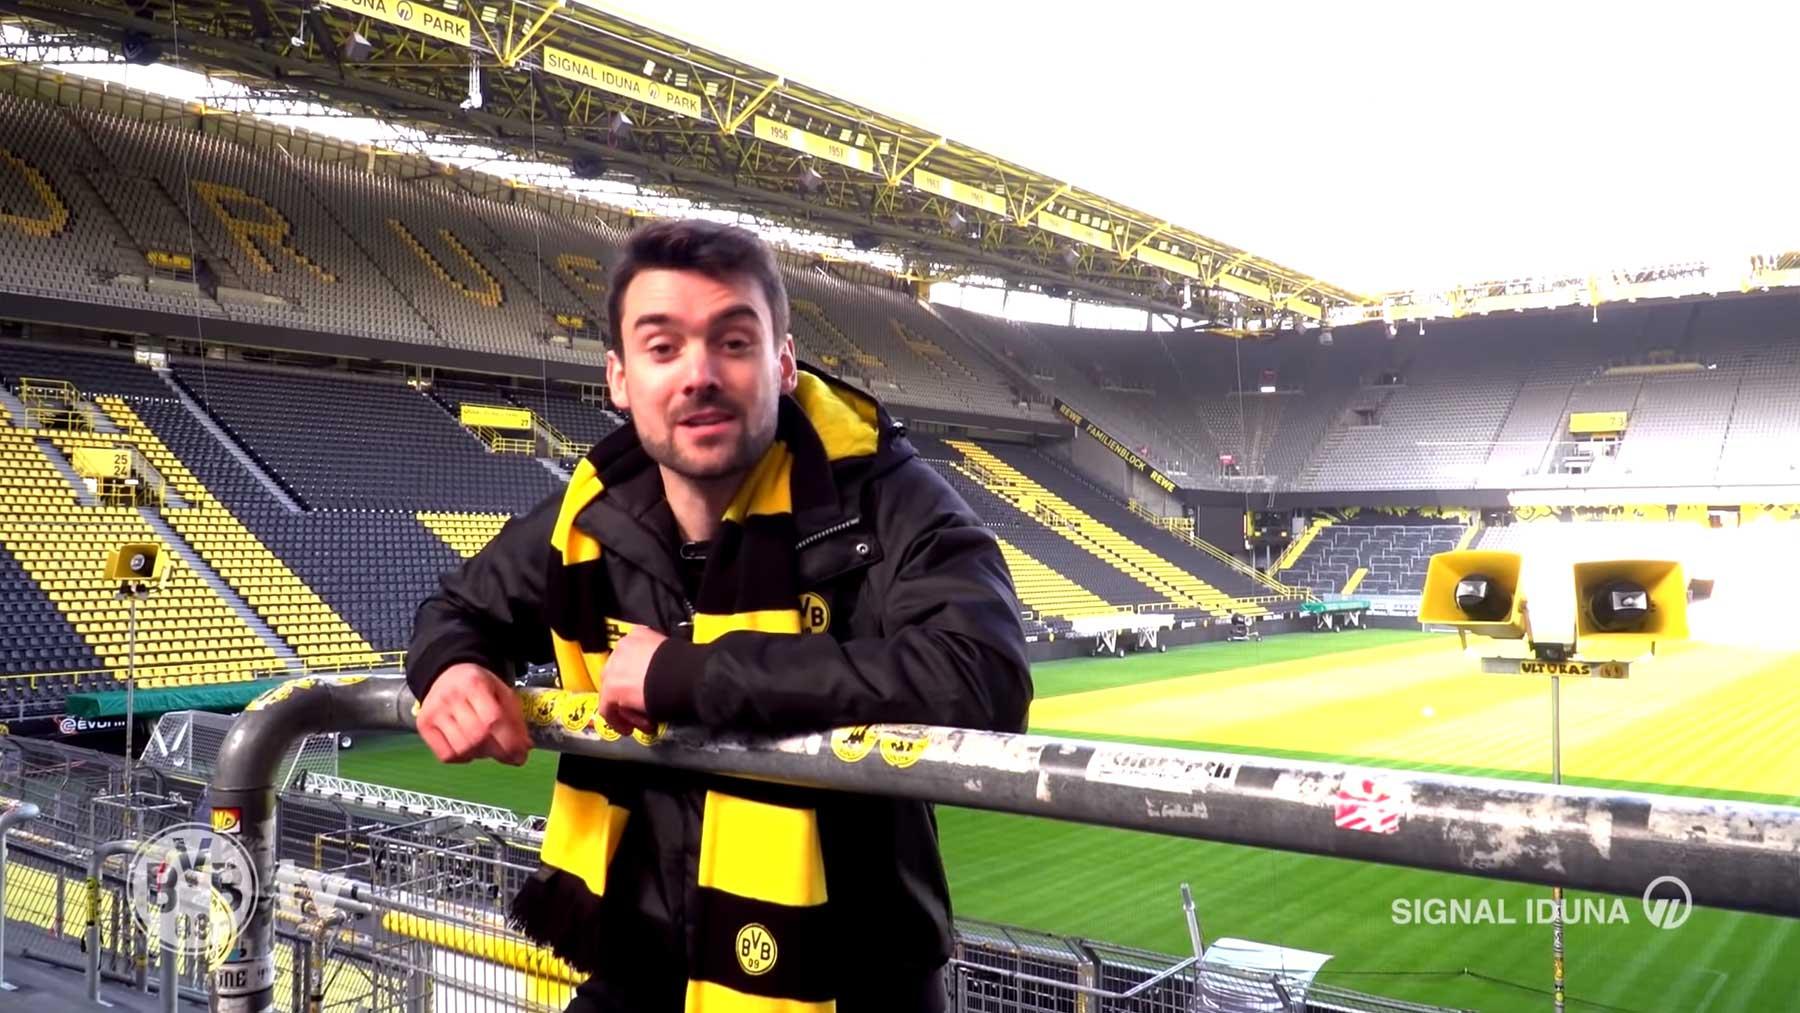 BVB: Virtuelle Tour durch das Westfalenstadion